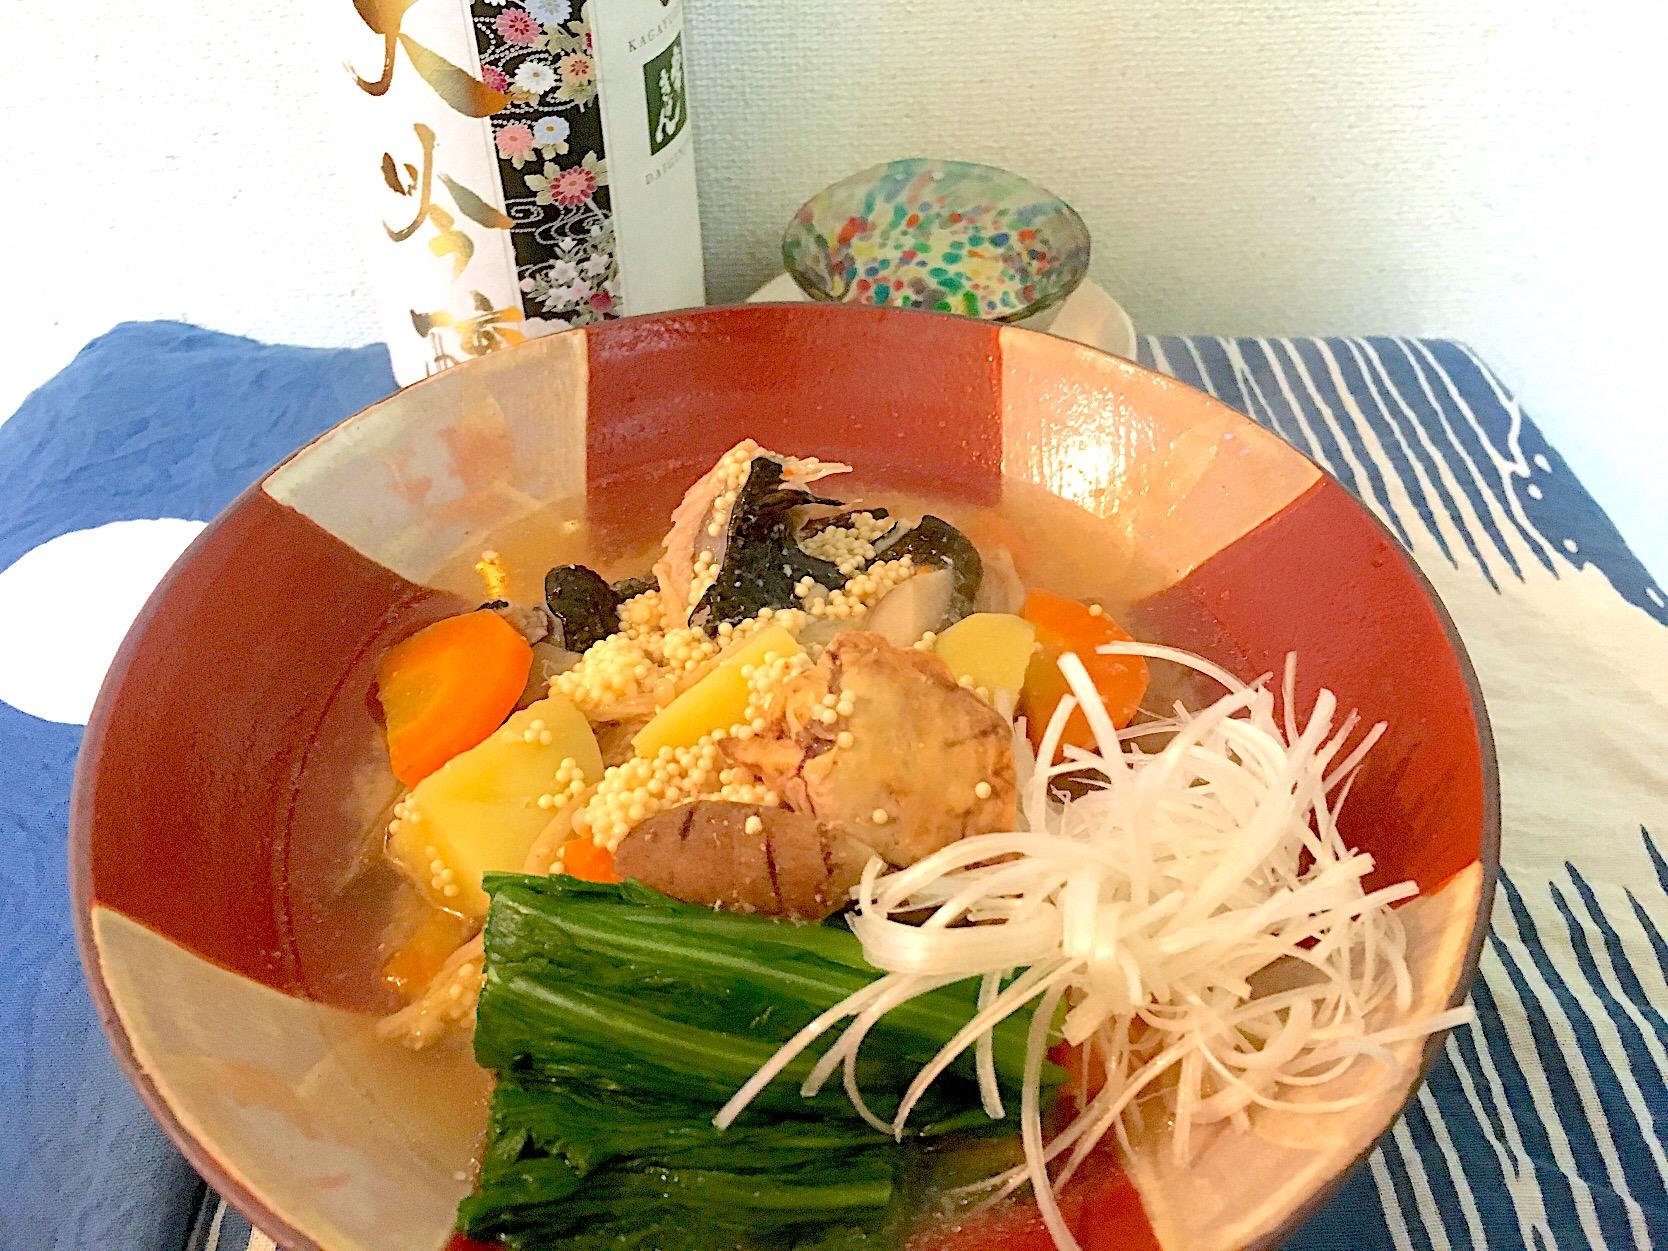 ごっこって魚知ってる?特徴や味わい、おすすめの鍋レシピ厳選